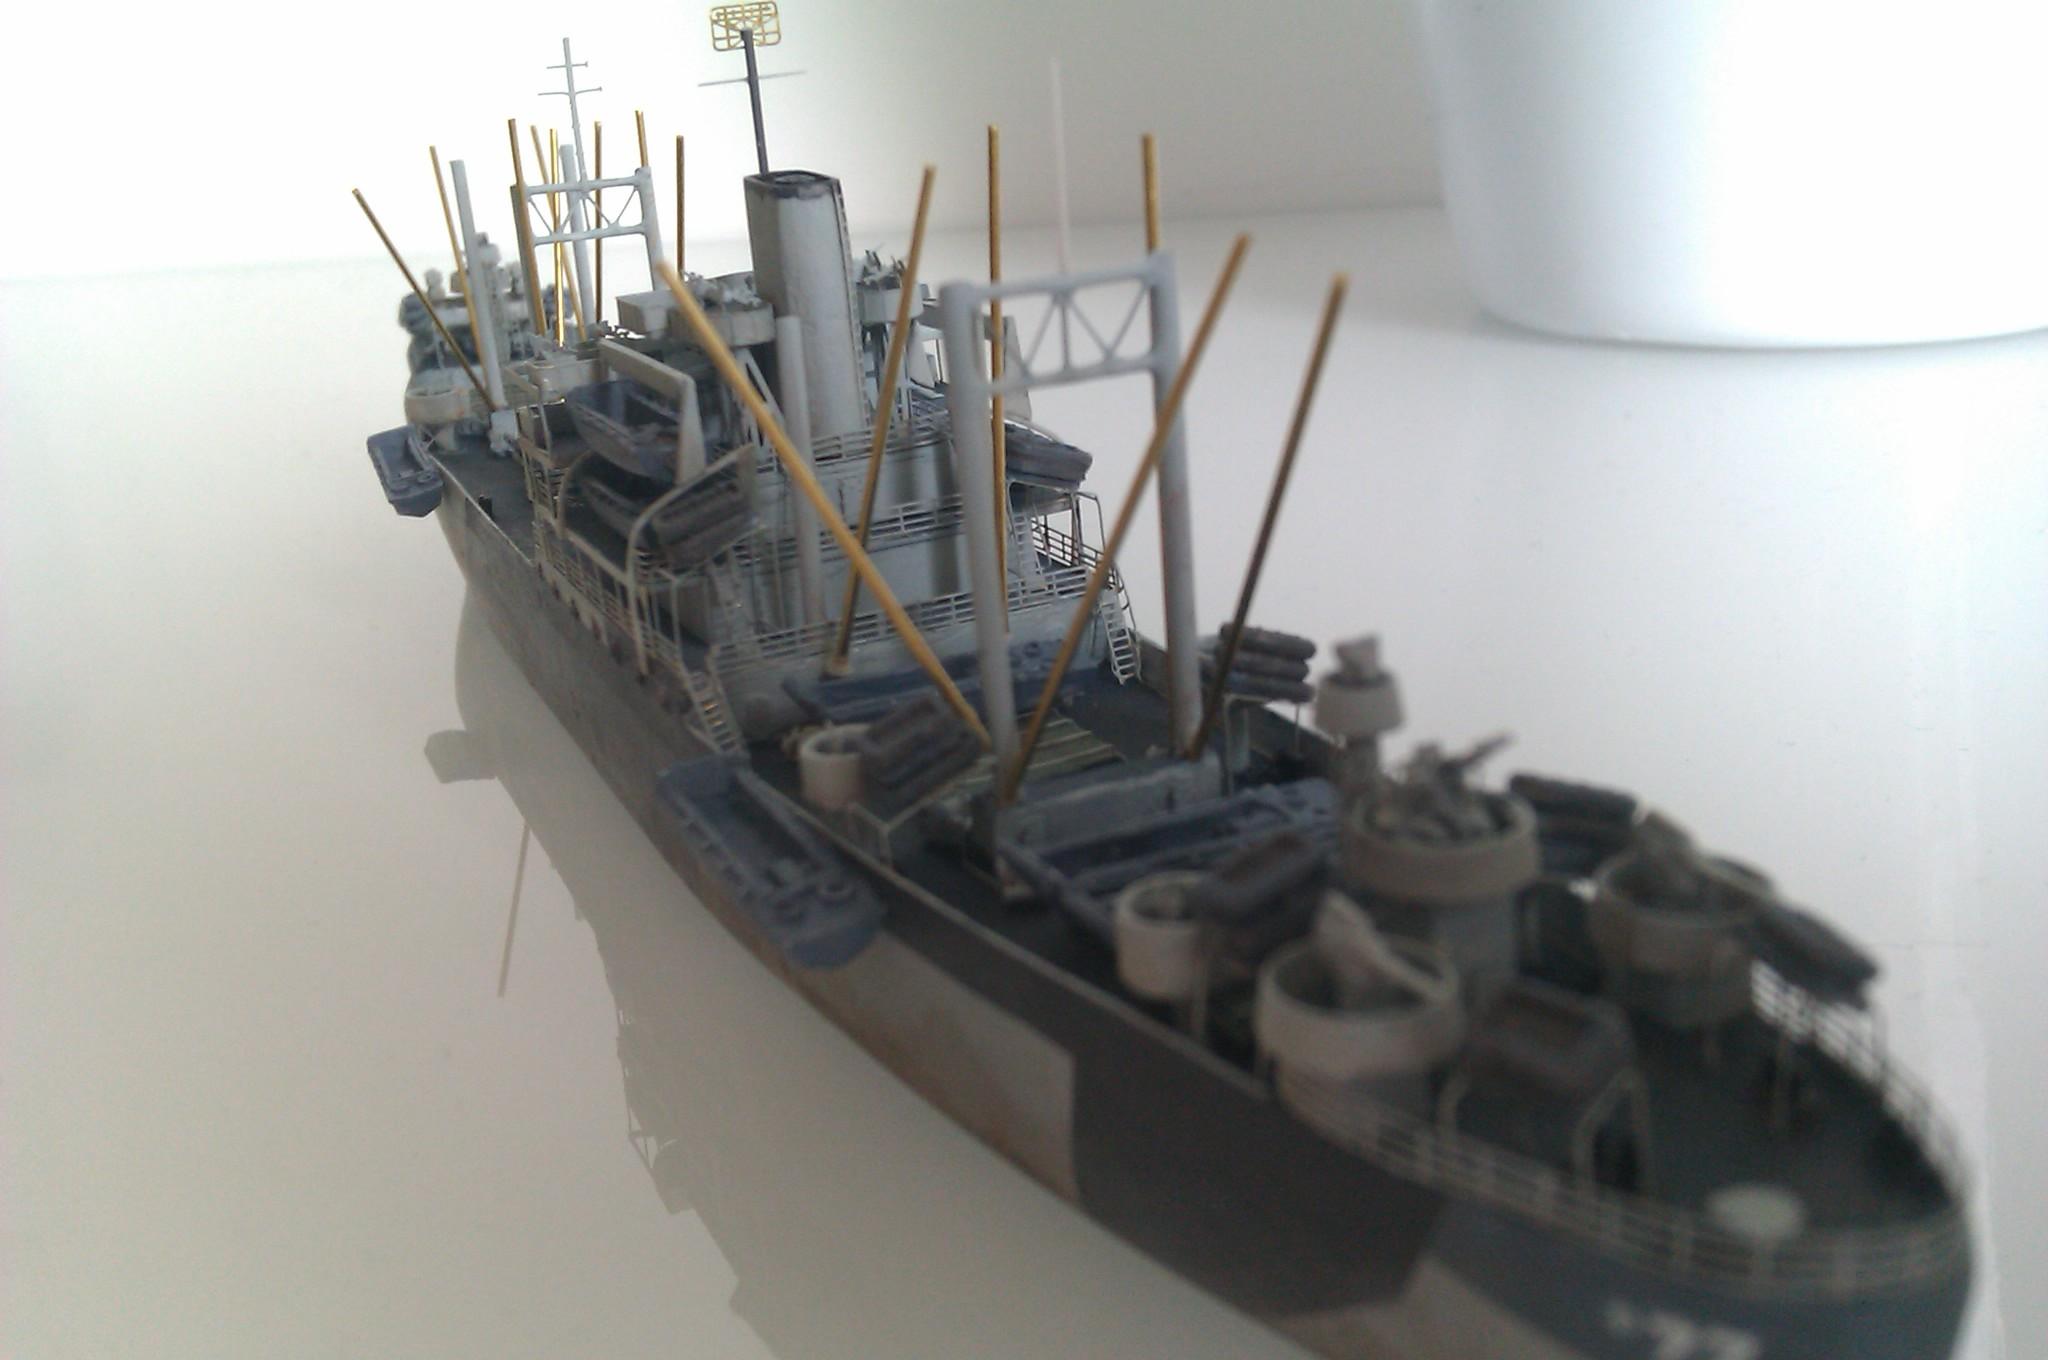 USS Thurston 1/700 à partir du kit Armerican scout de Loose cannon GRneCrwc